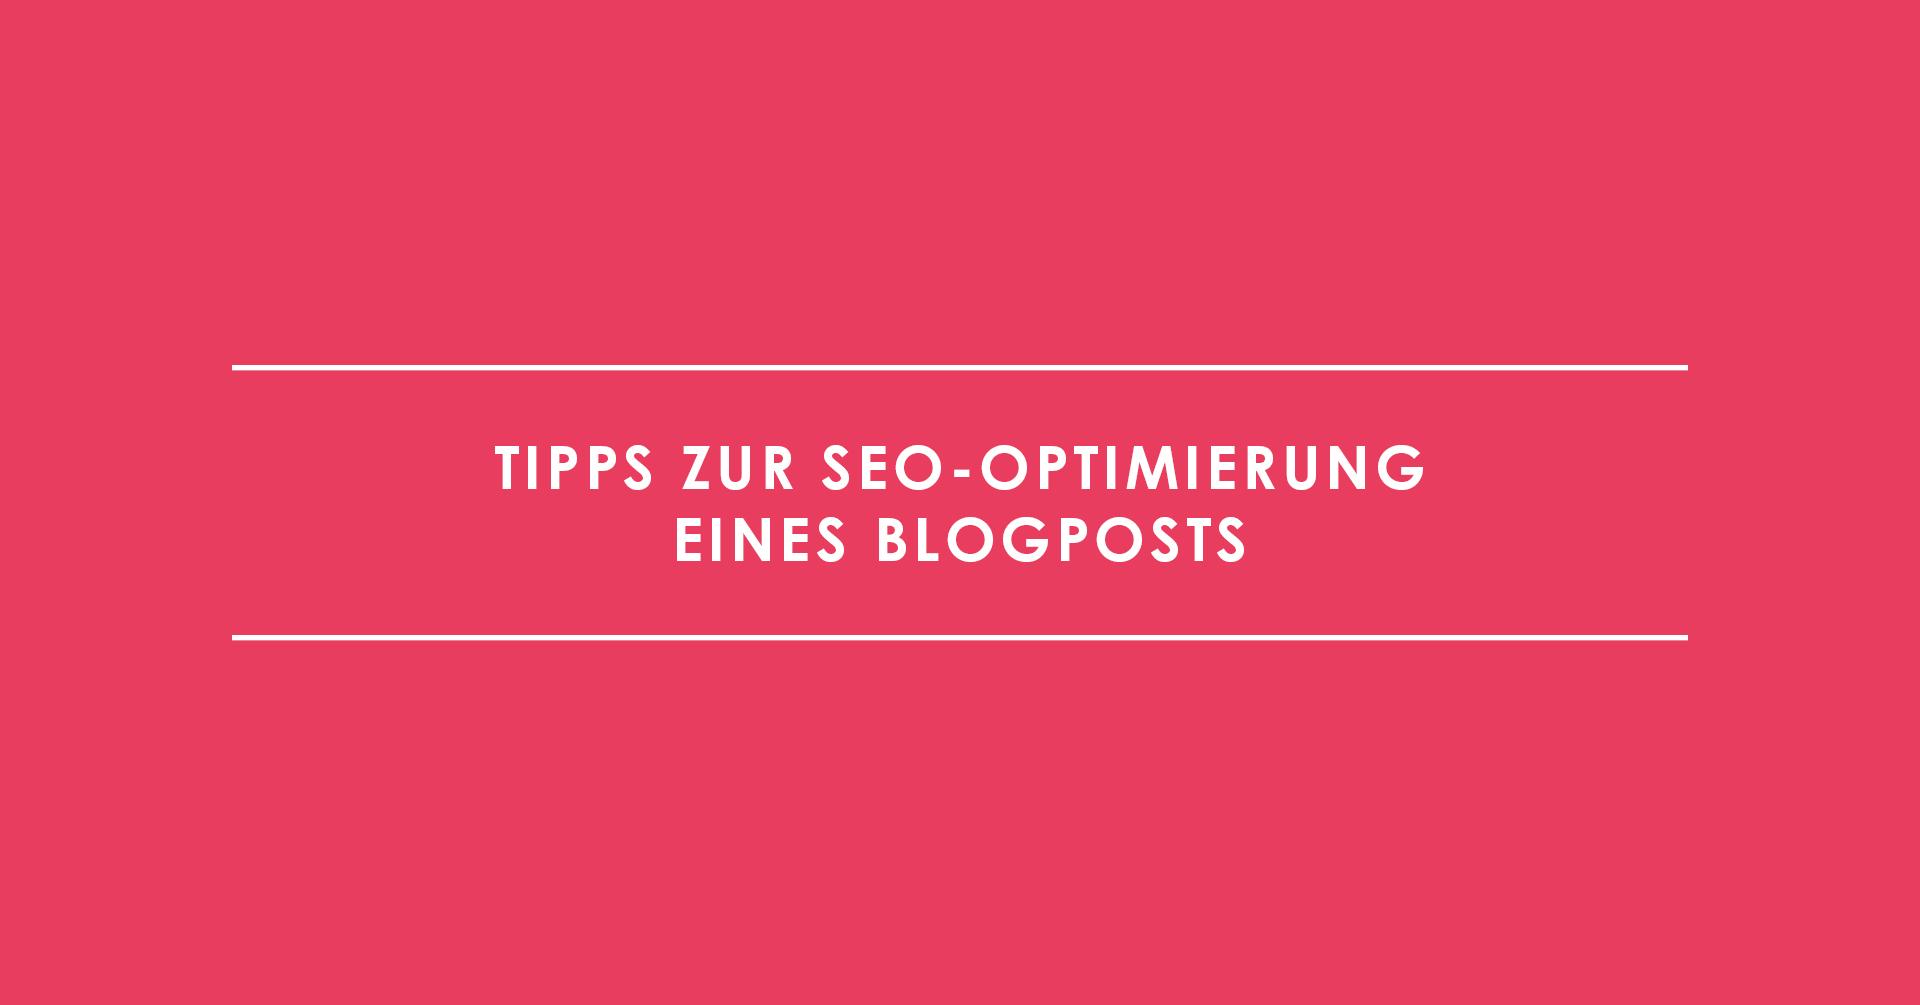 Tipps zur SEO-Optimierung eines Blogposts